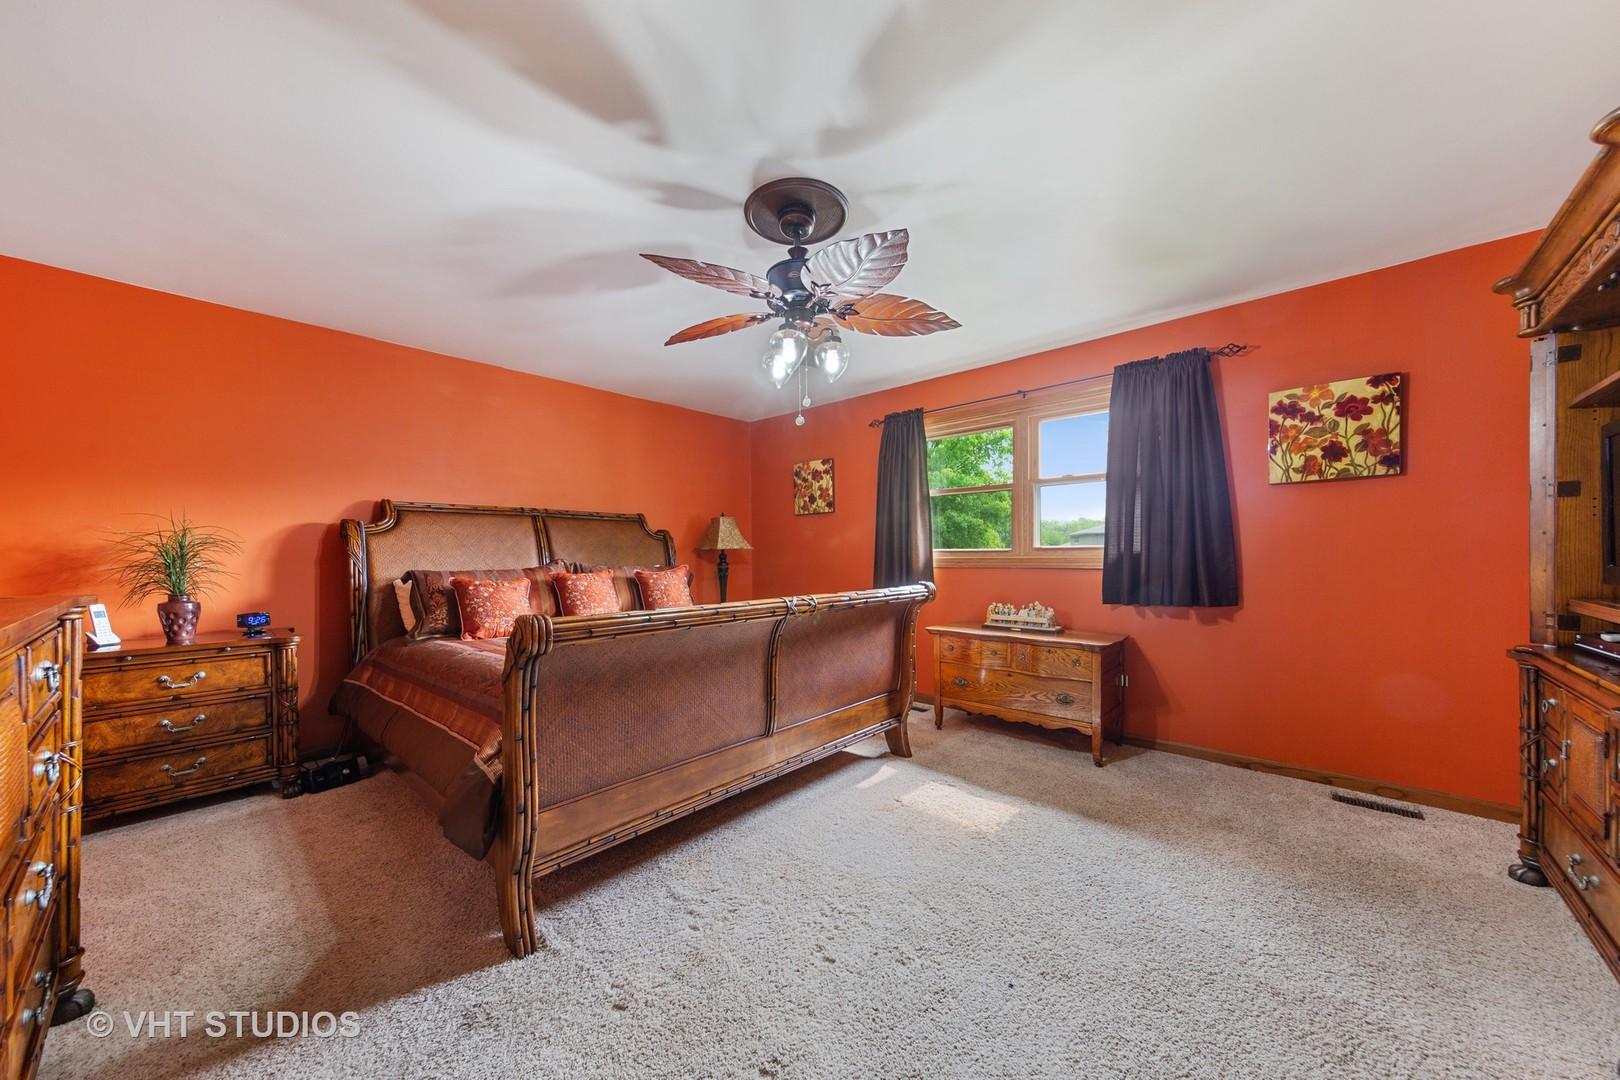 14345 South Golden Oak, Homer Glen, Illinois, 60491